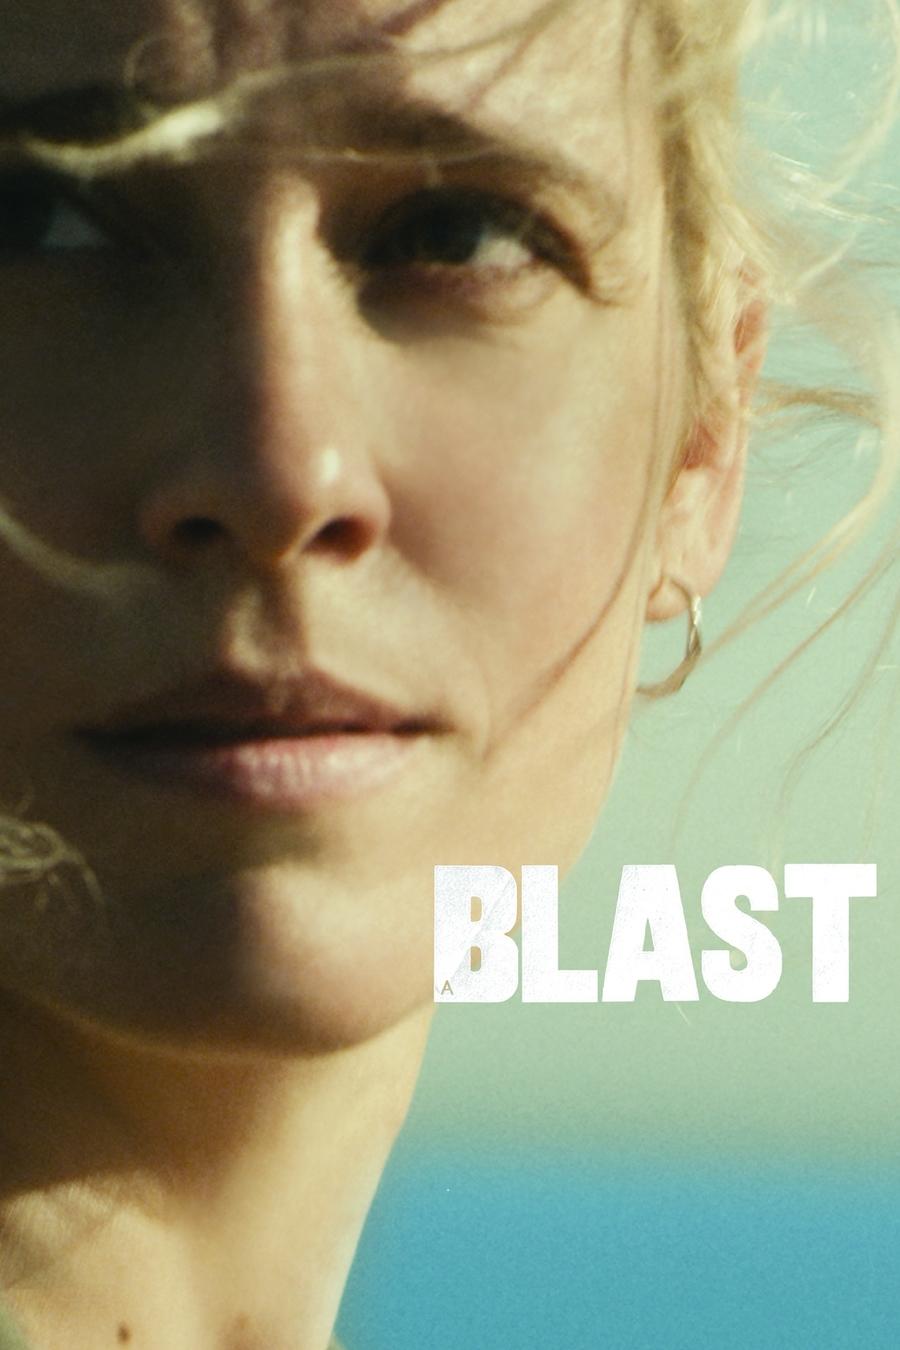 A Blast